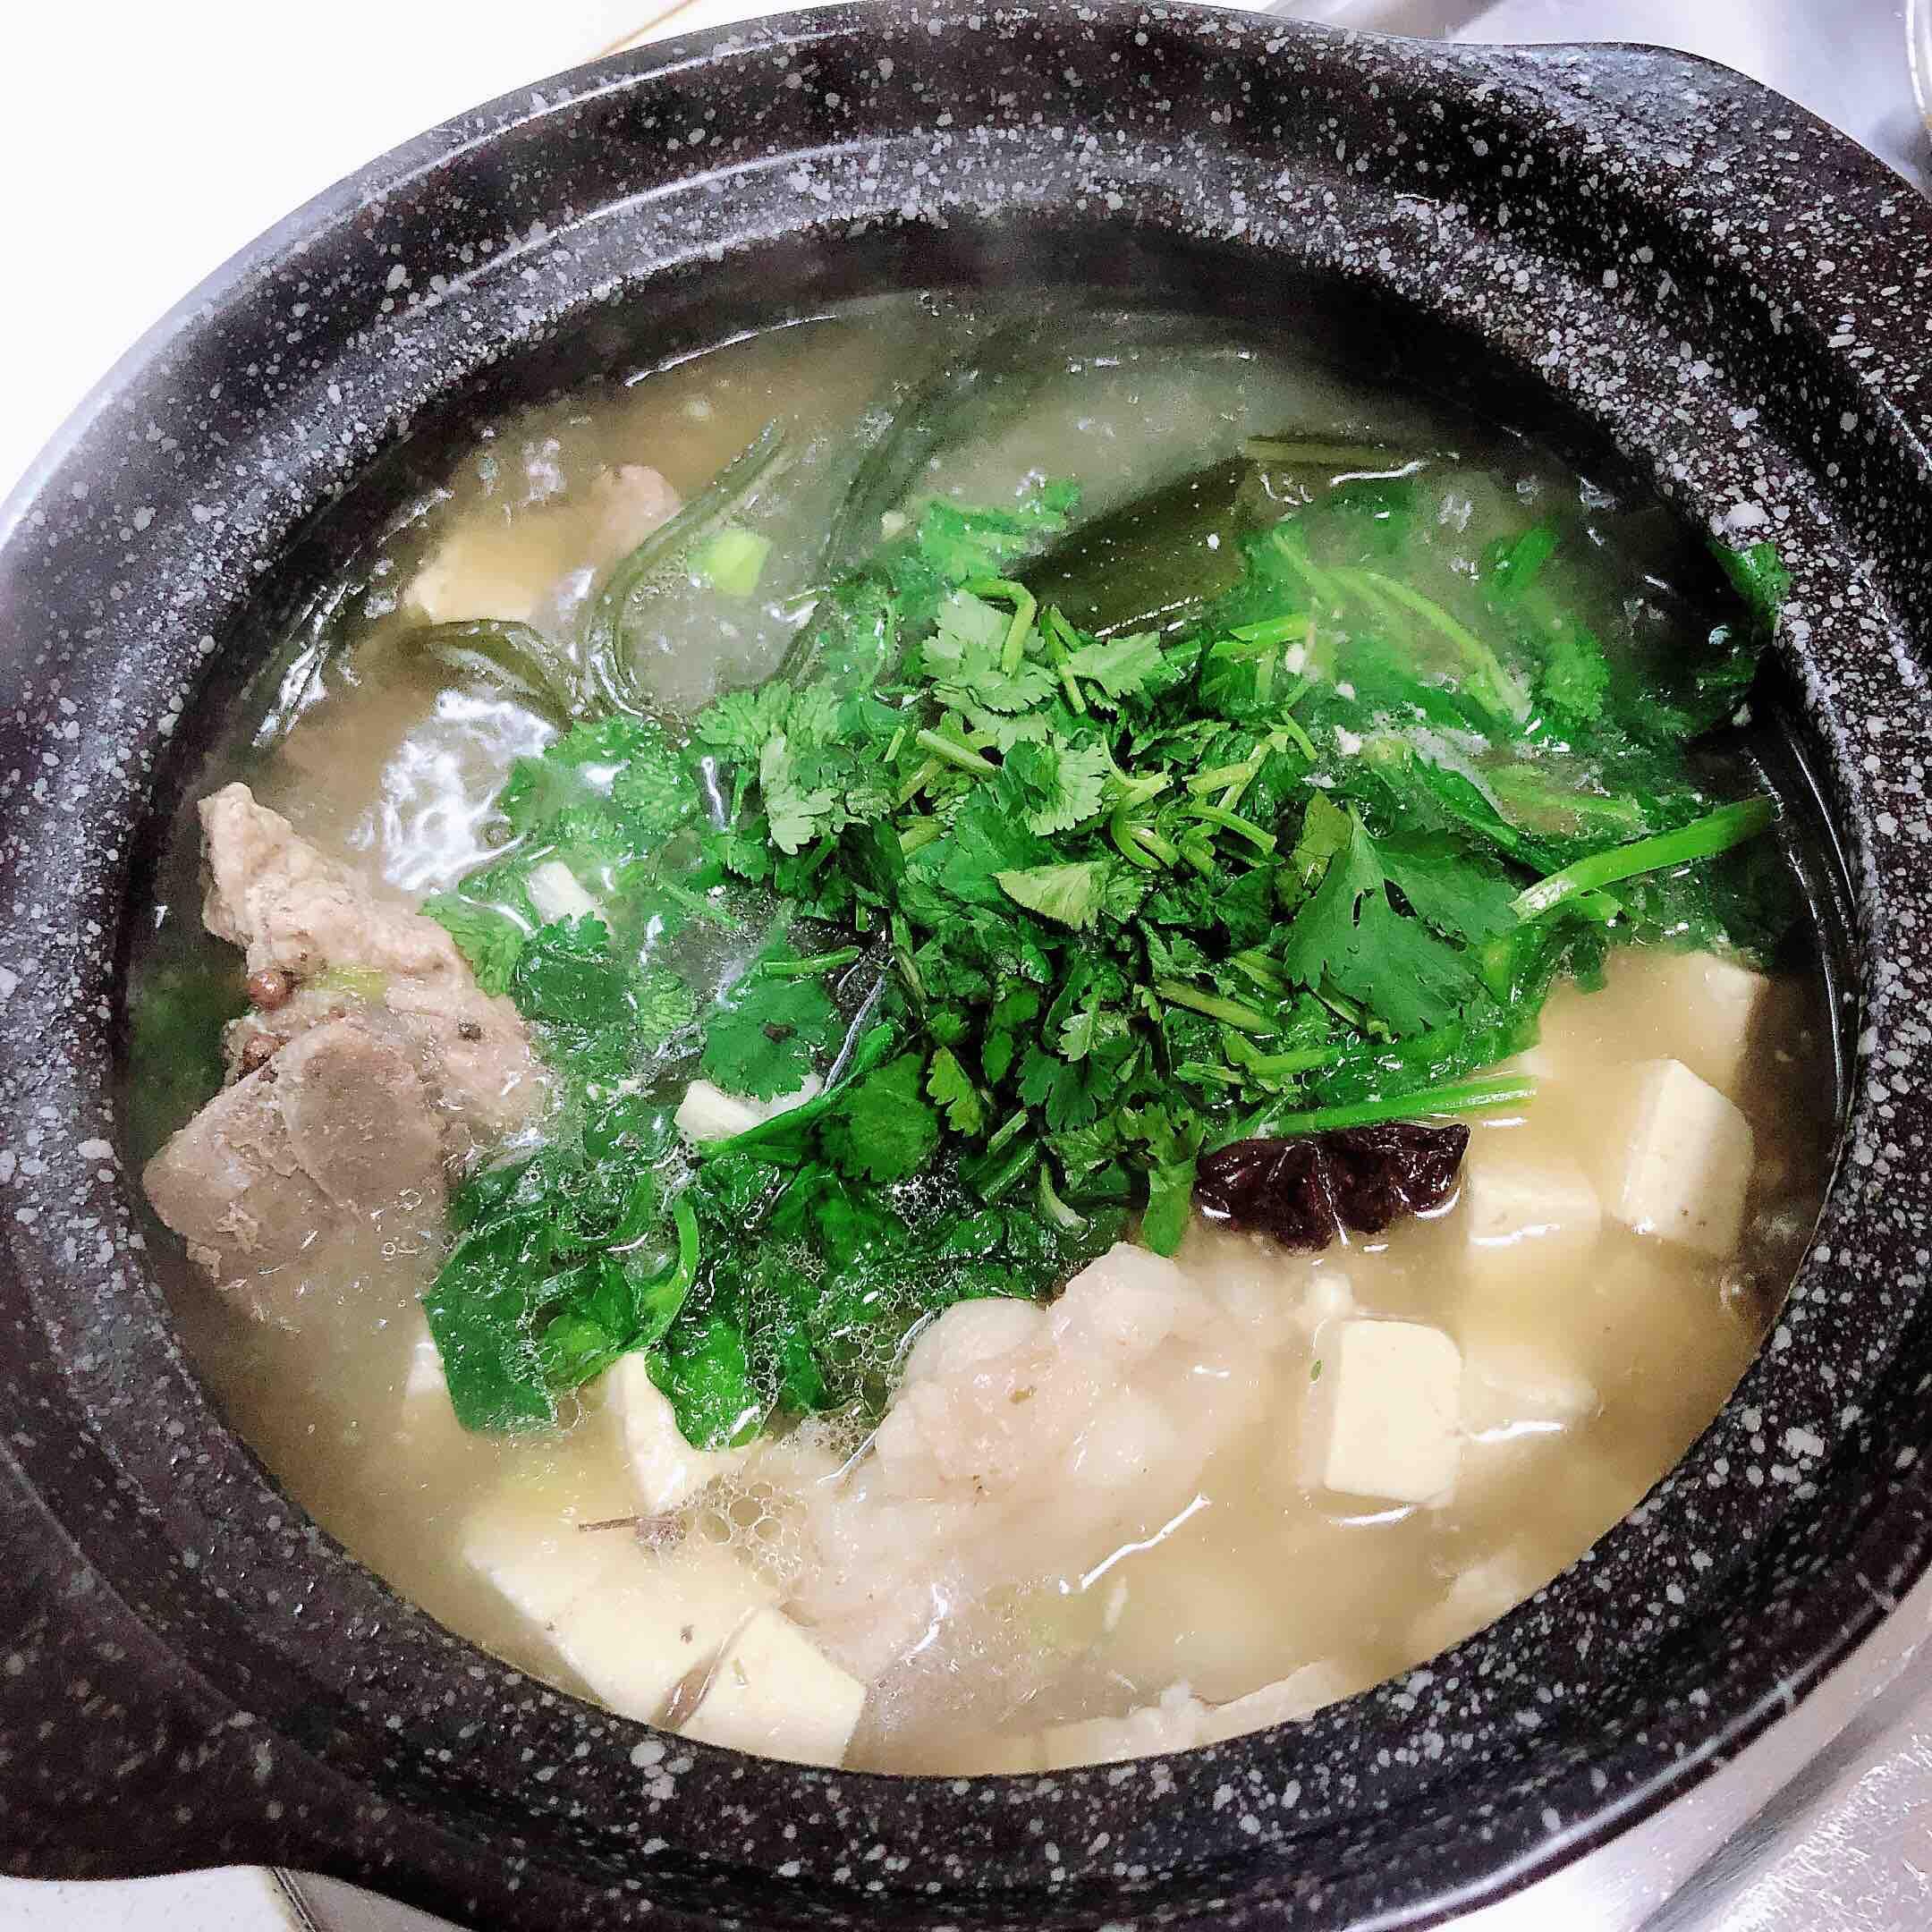 海带棒骨汤-长寿靓汤怎样炒